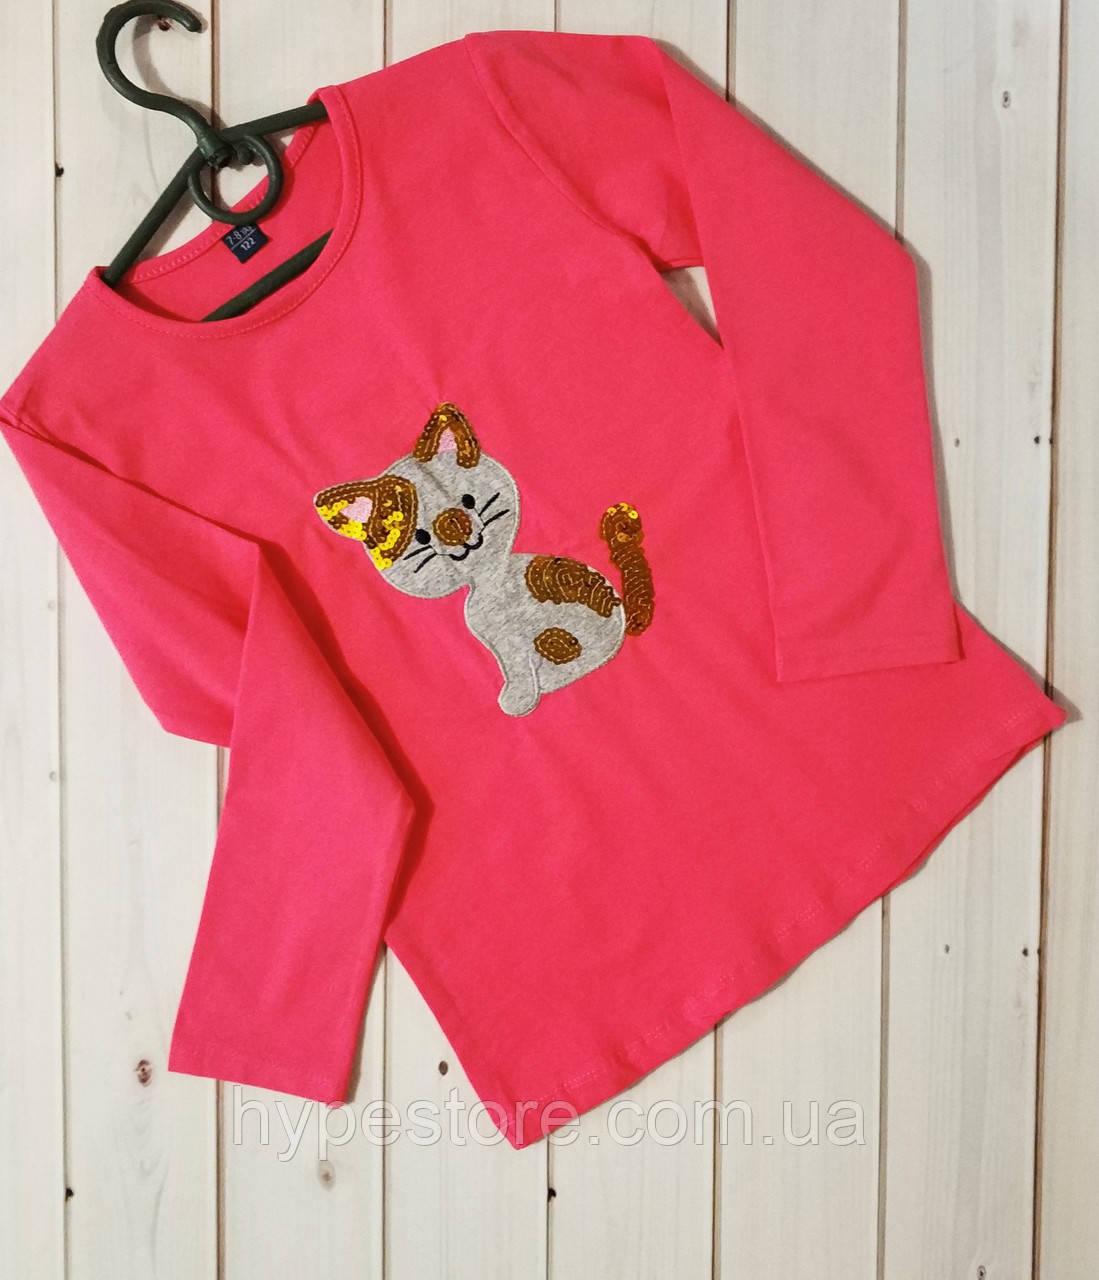 Красивая кофта, туника,реглан,футболка с длинным рукавом для девочки отличного качества,см.описание